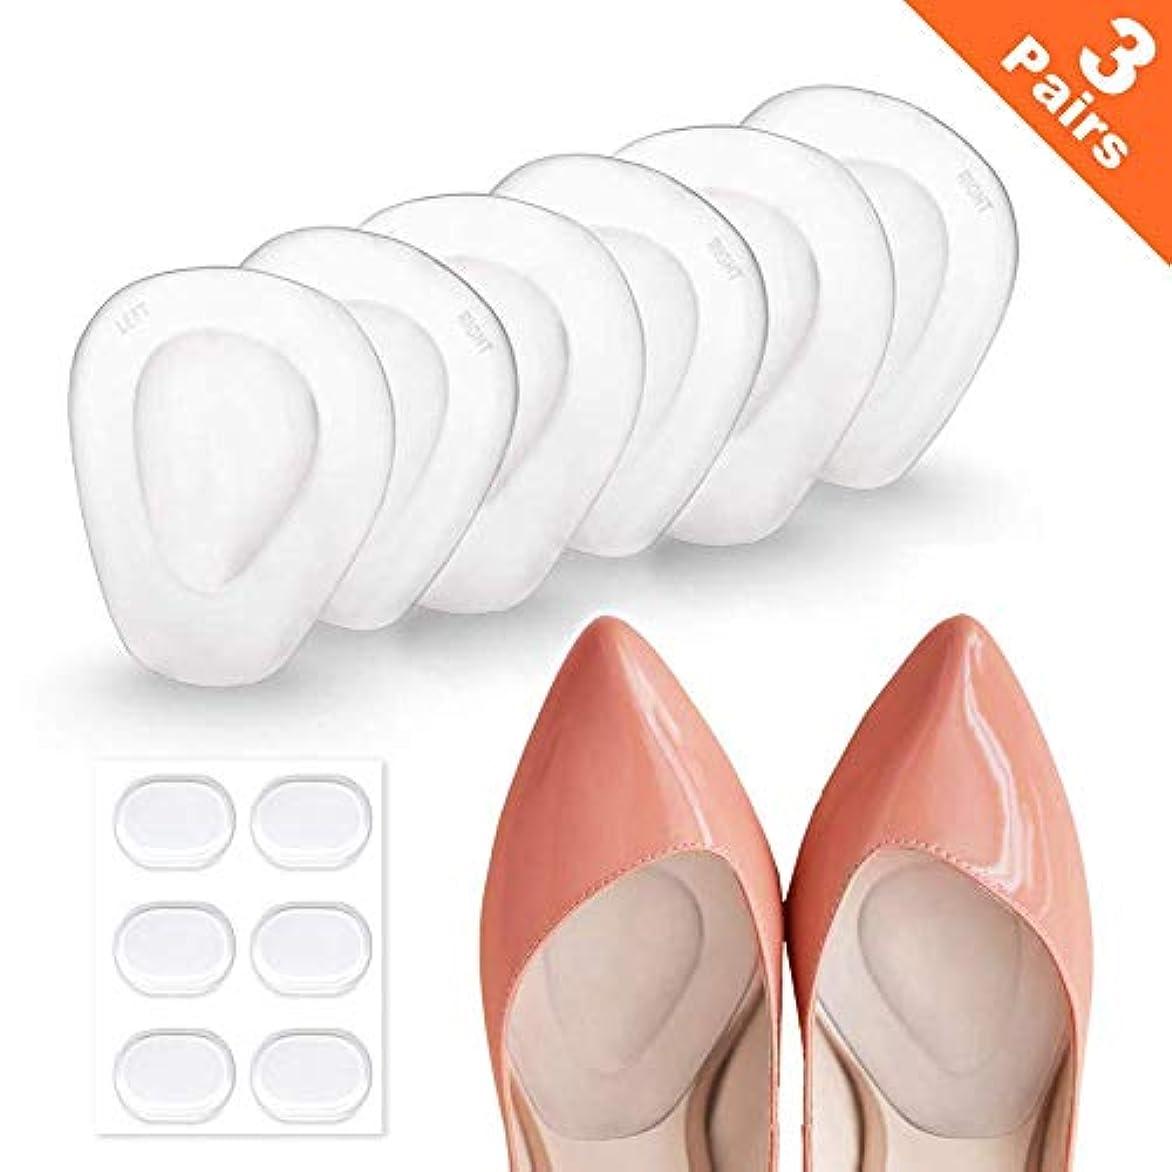 収縮回転する夏女性用中足パッド(3ペア中足パッド)-フットクッションの再利用可能なソフトジェルボール終日痛みを緩和し、靴のフィットを修正